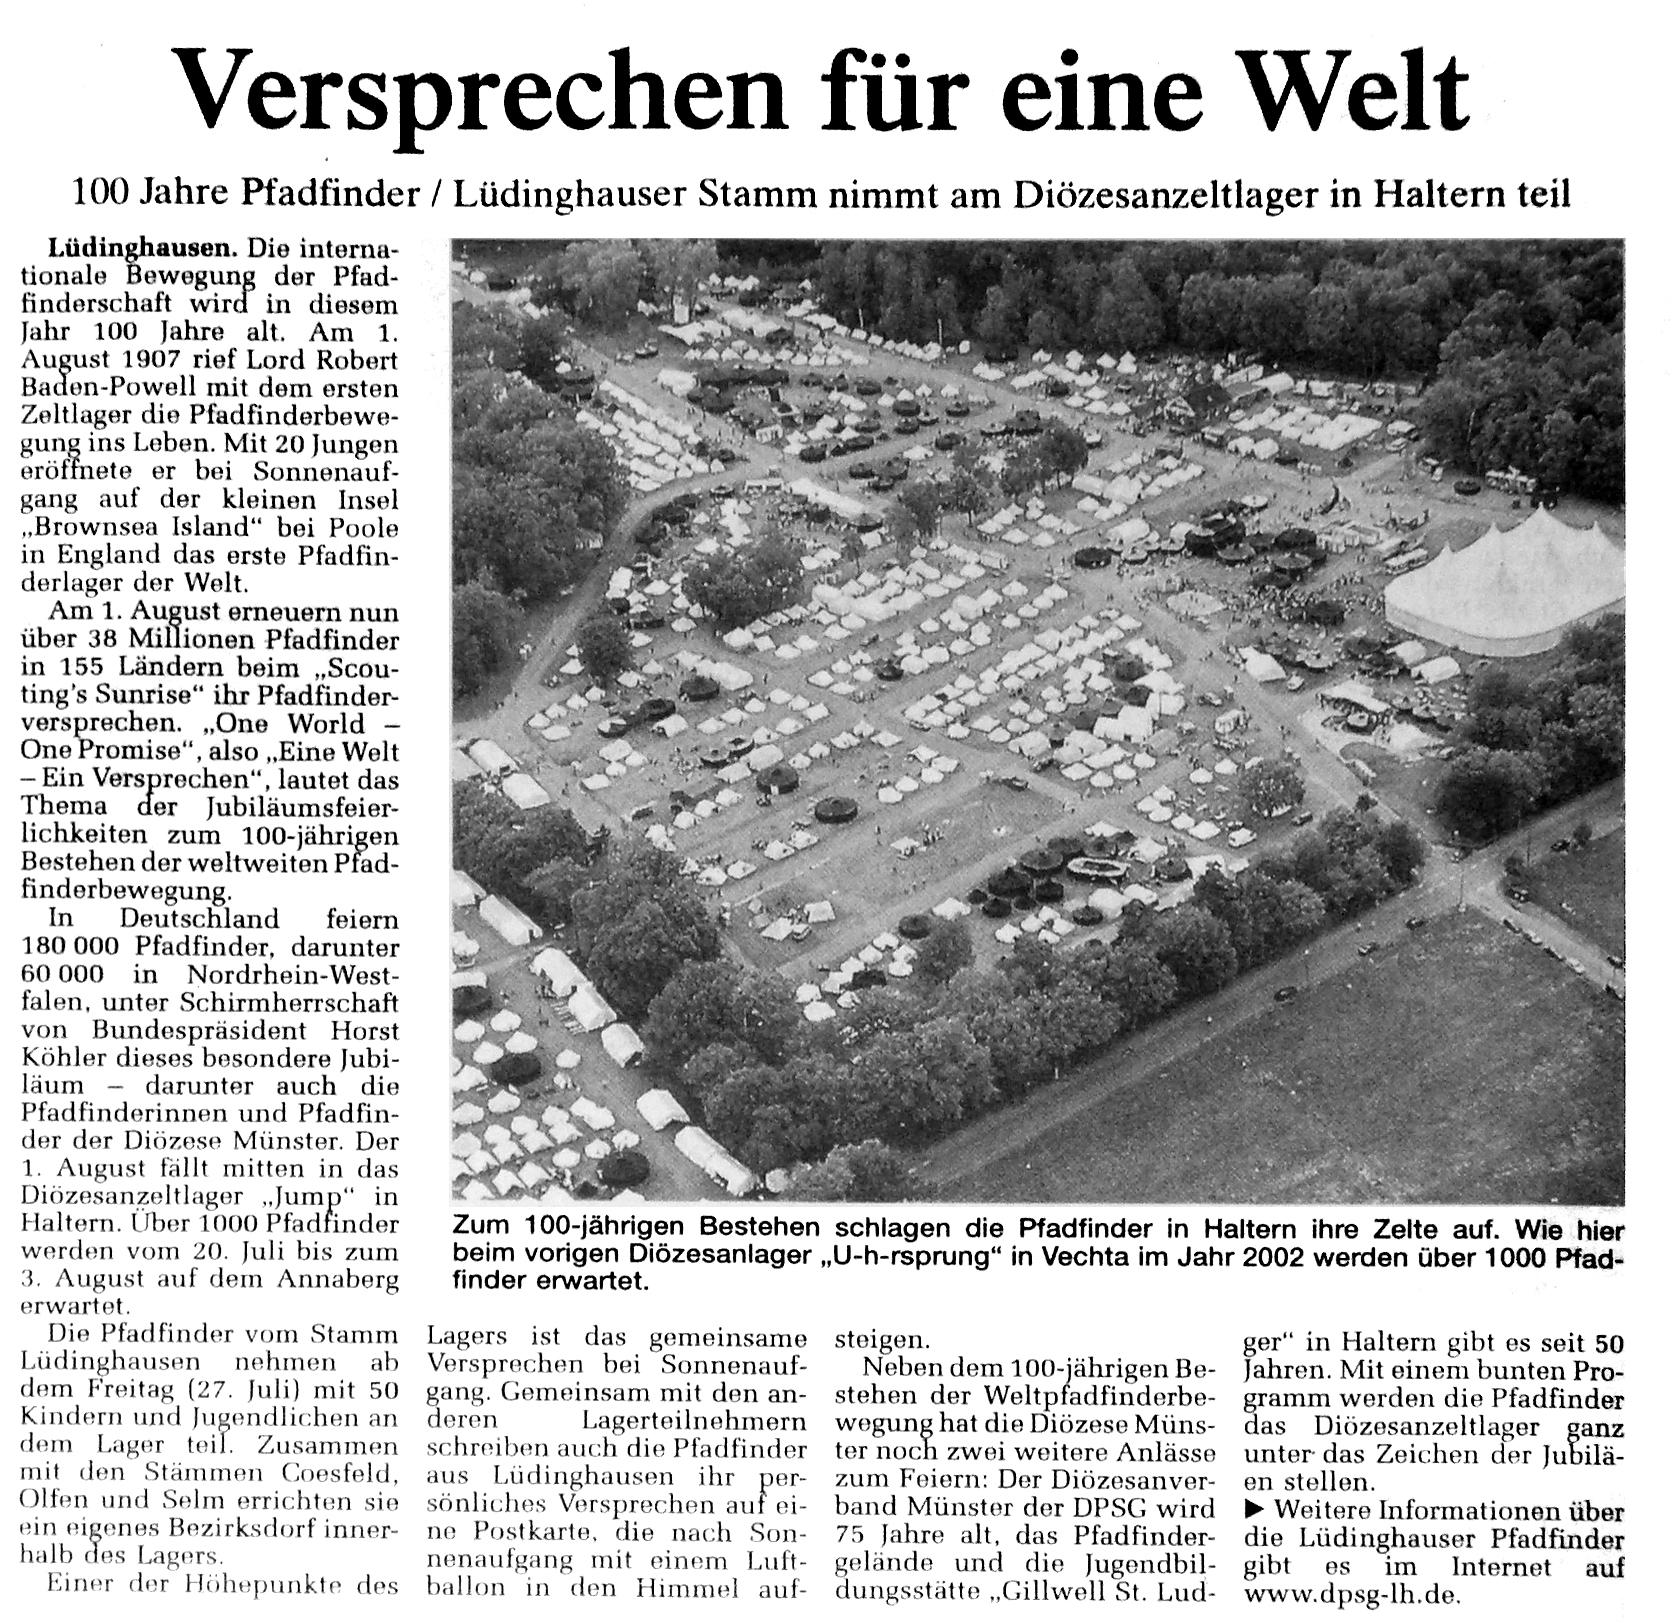 Zeitungsartikel Versprechen für eine Welt, WN 21.7.2007